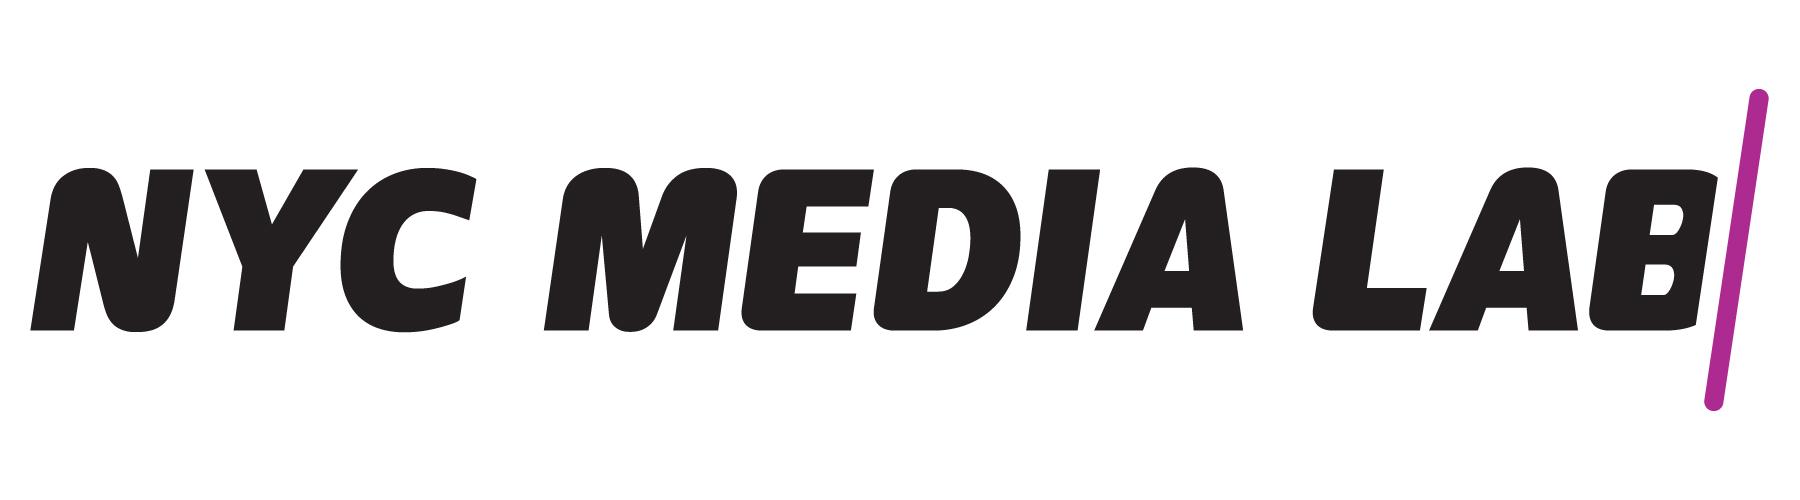 NYC001.Logo.1.XL copy 2.jpg